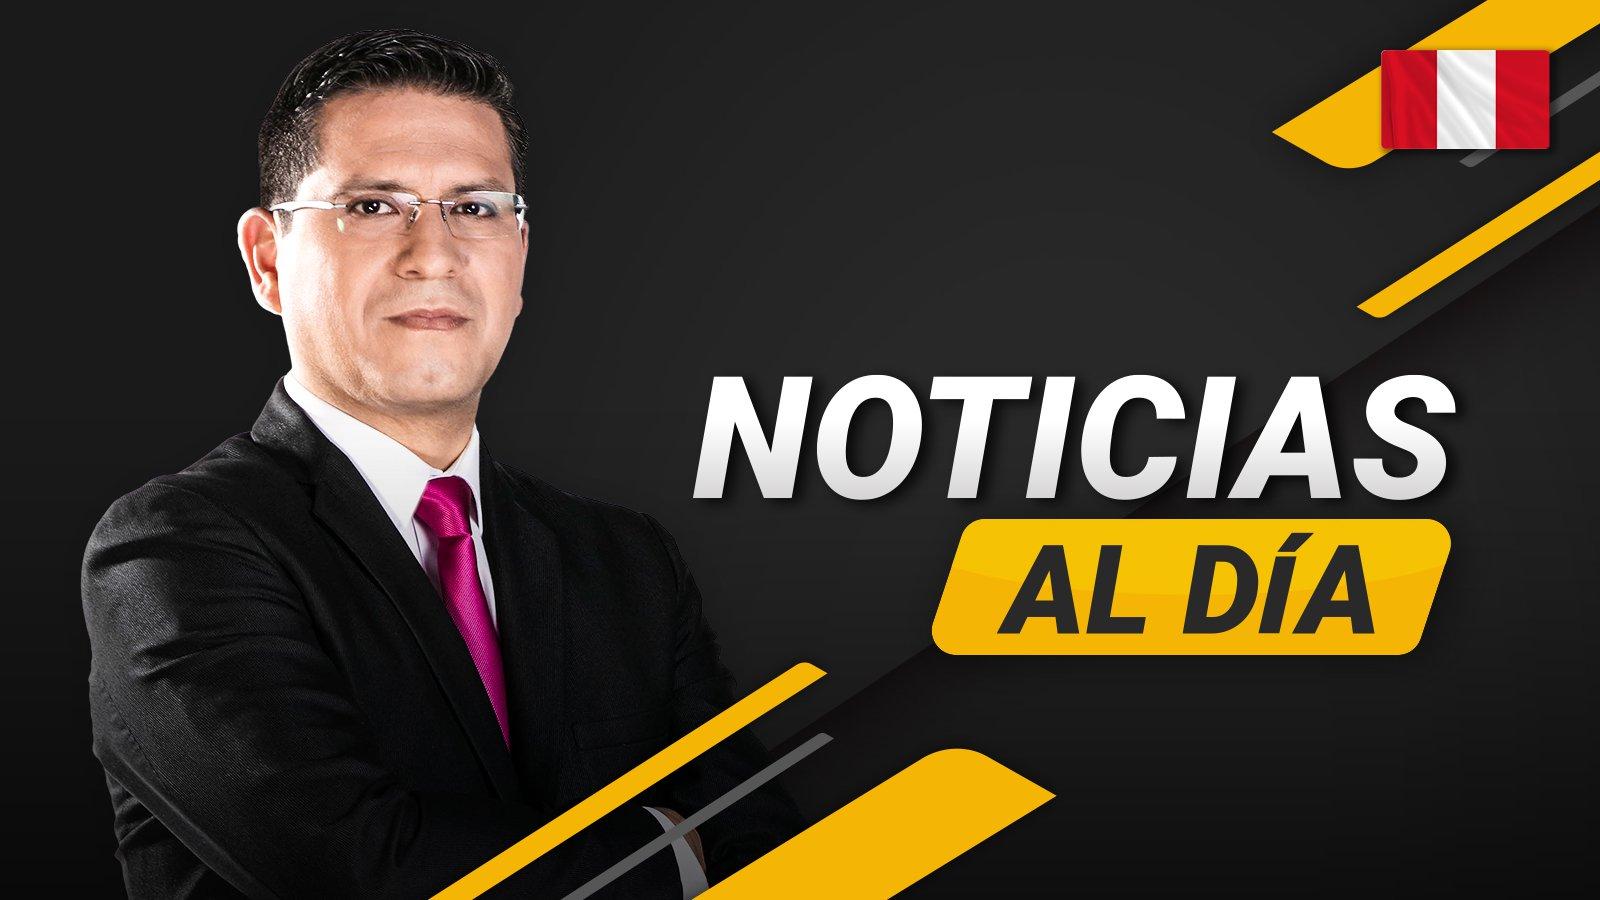 Noticias Al Día poster